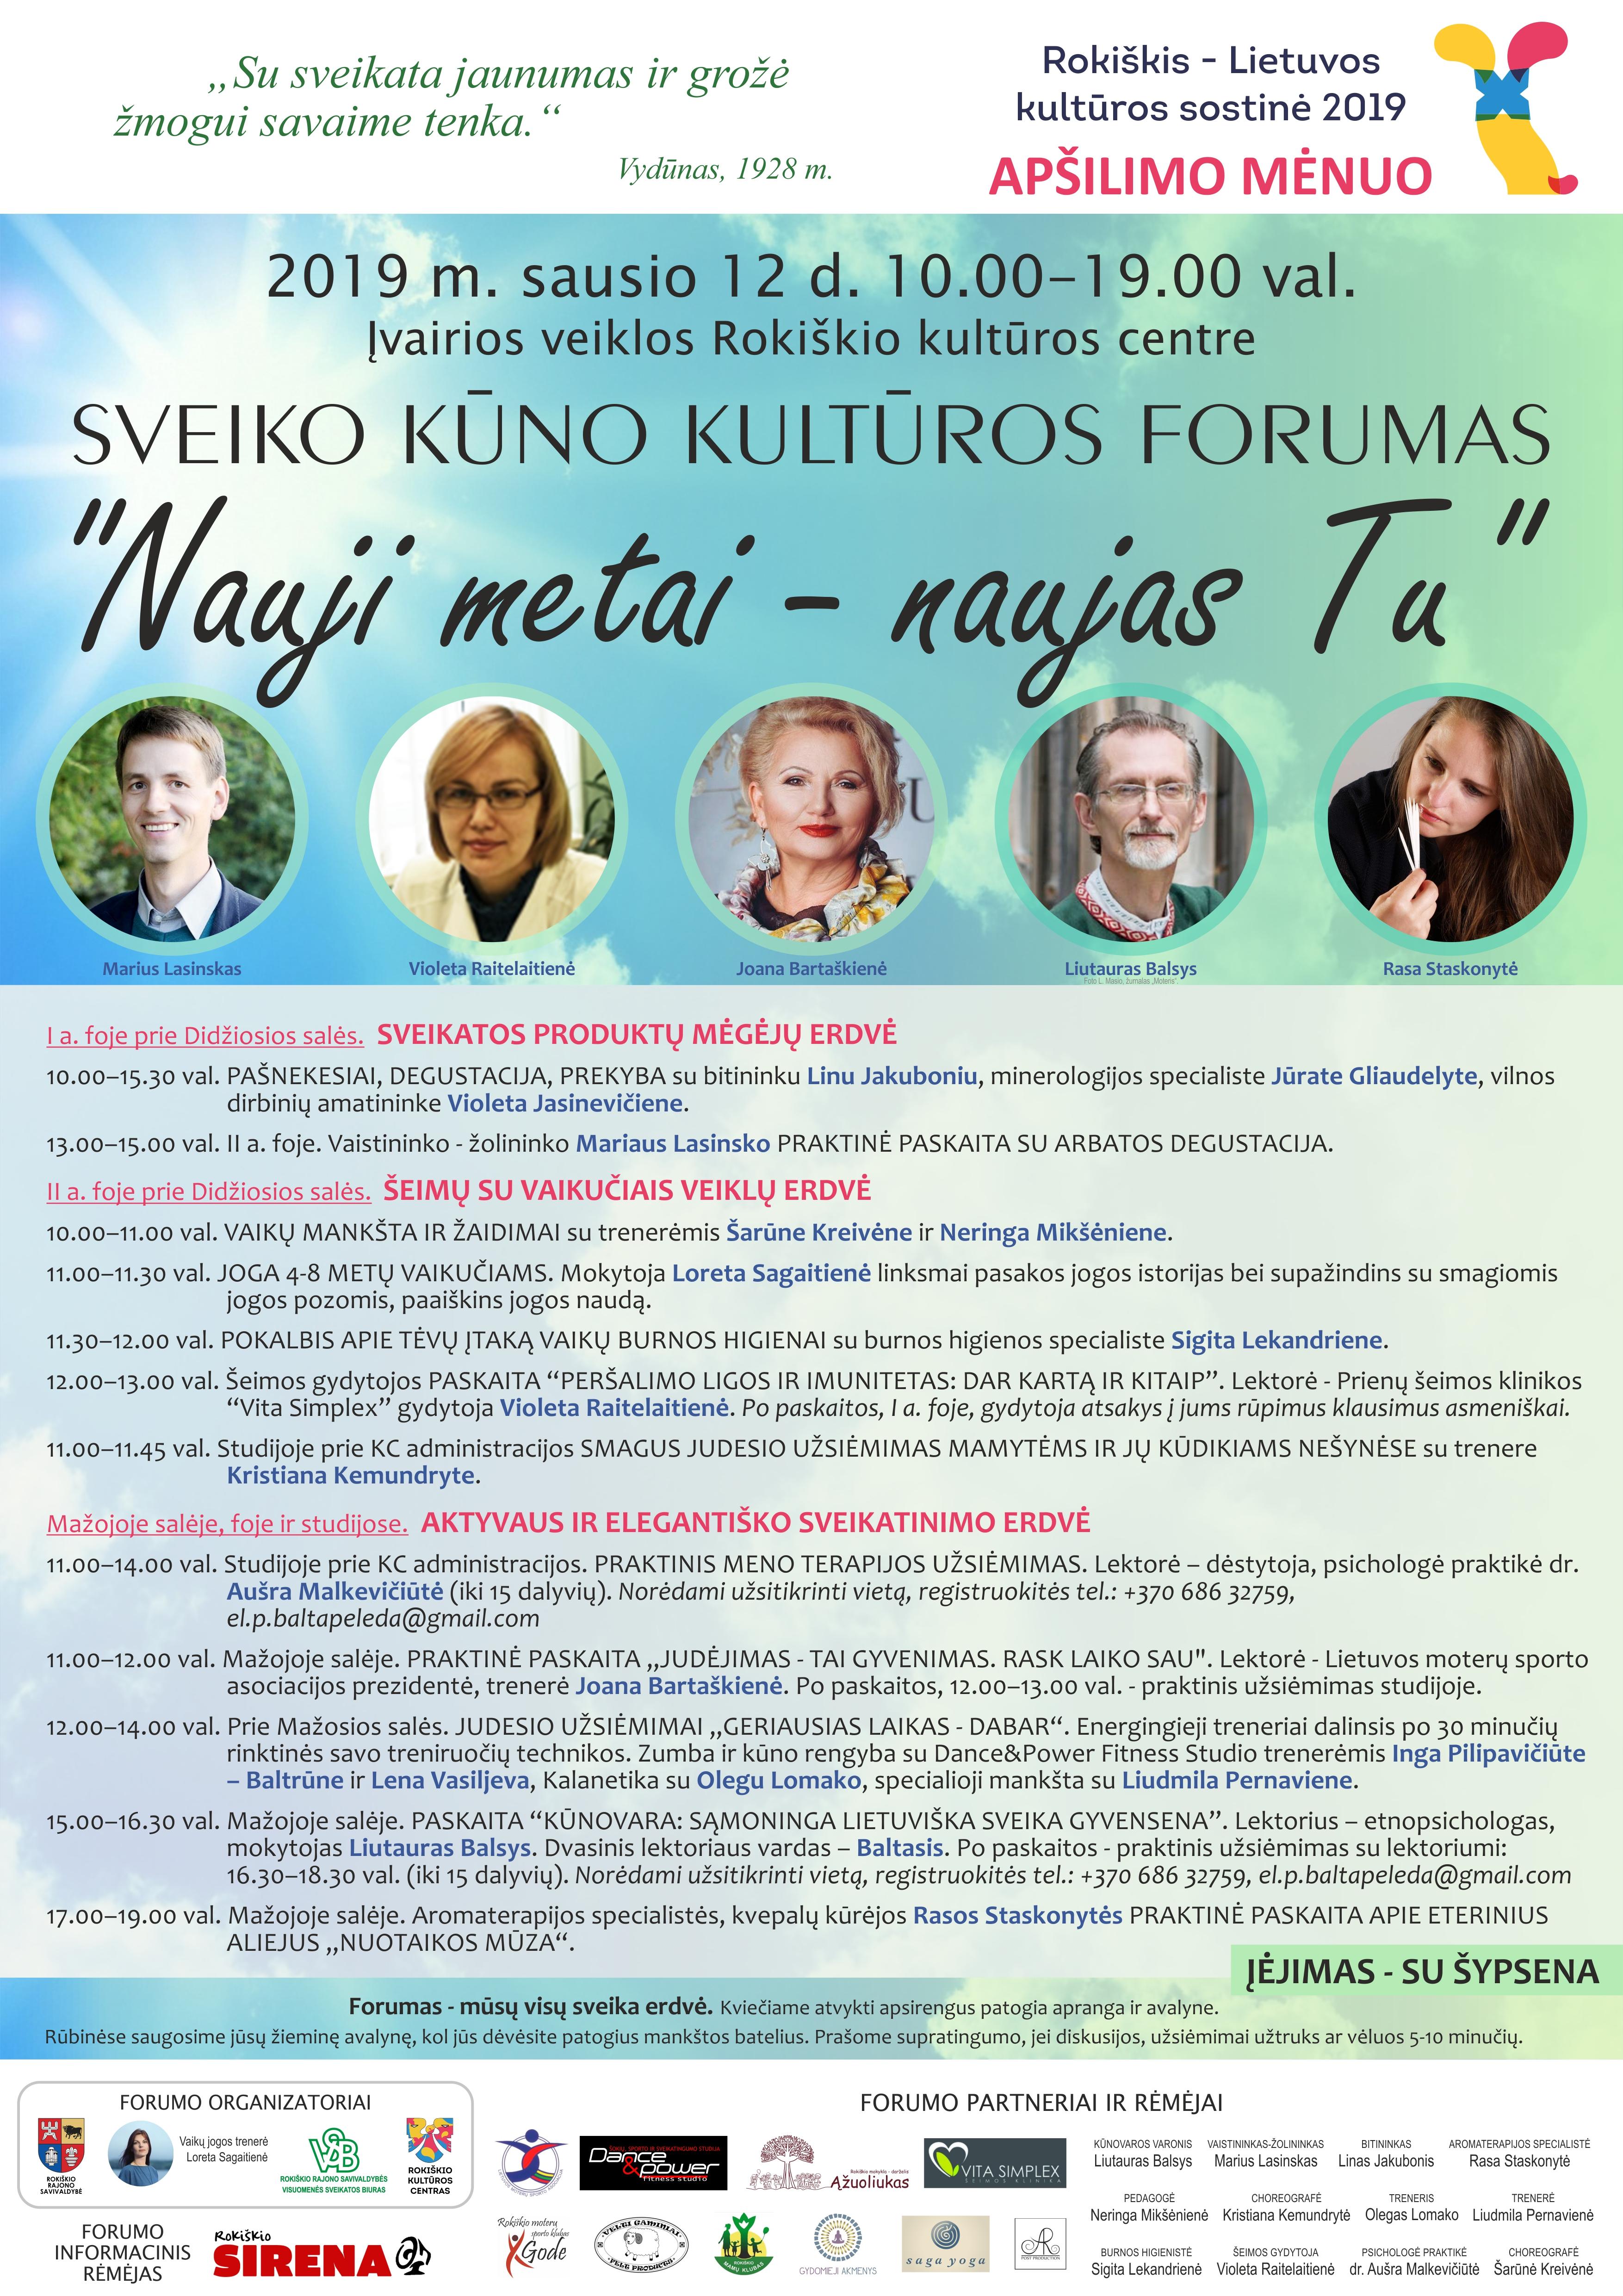 """Sveiko kūno kultūros forumas """"Nauji metai – naujas Tu"""""""